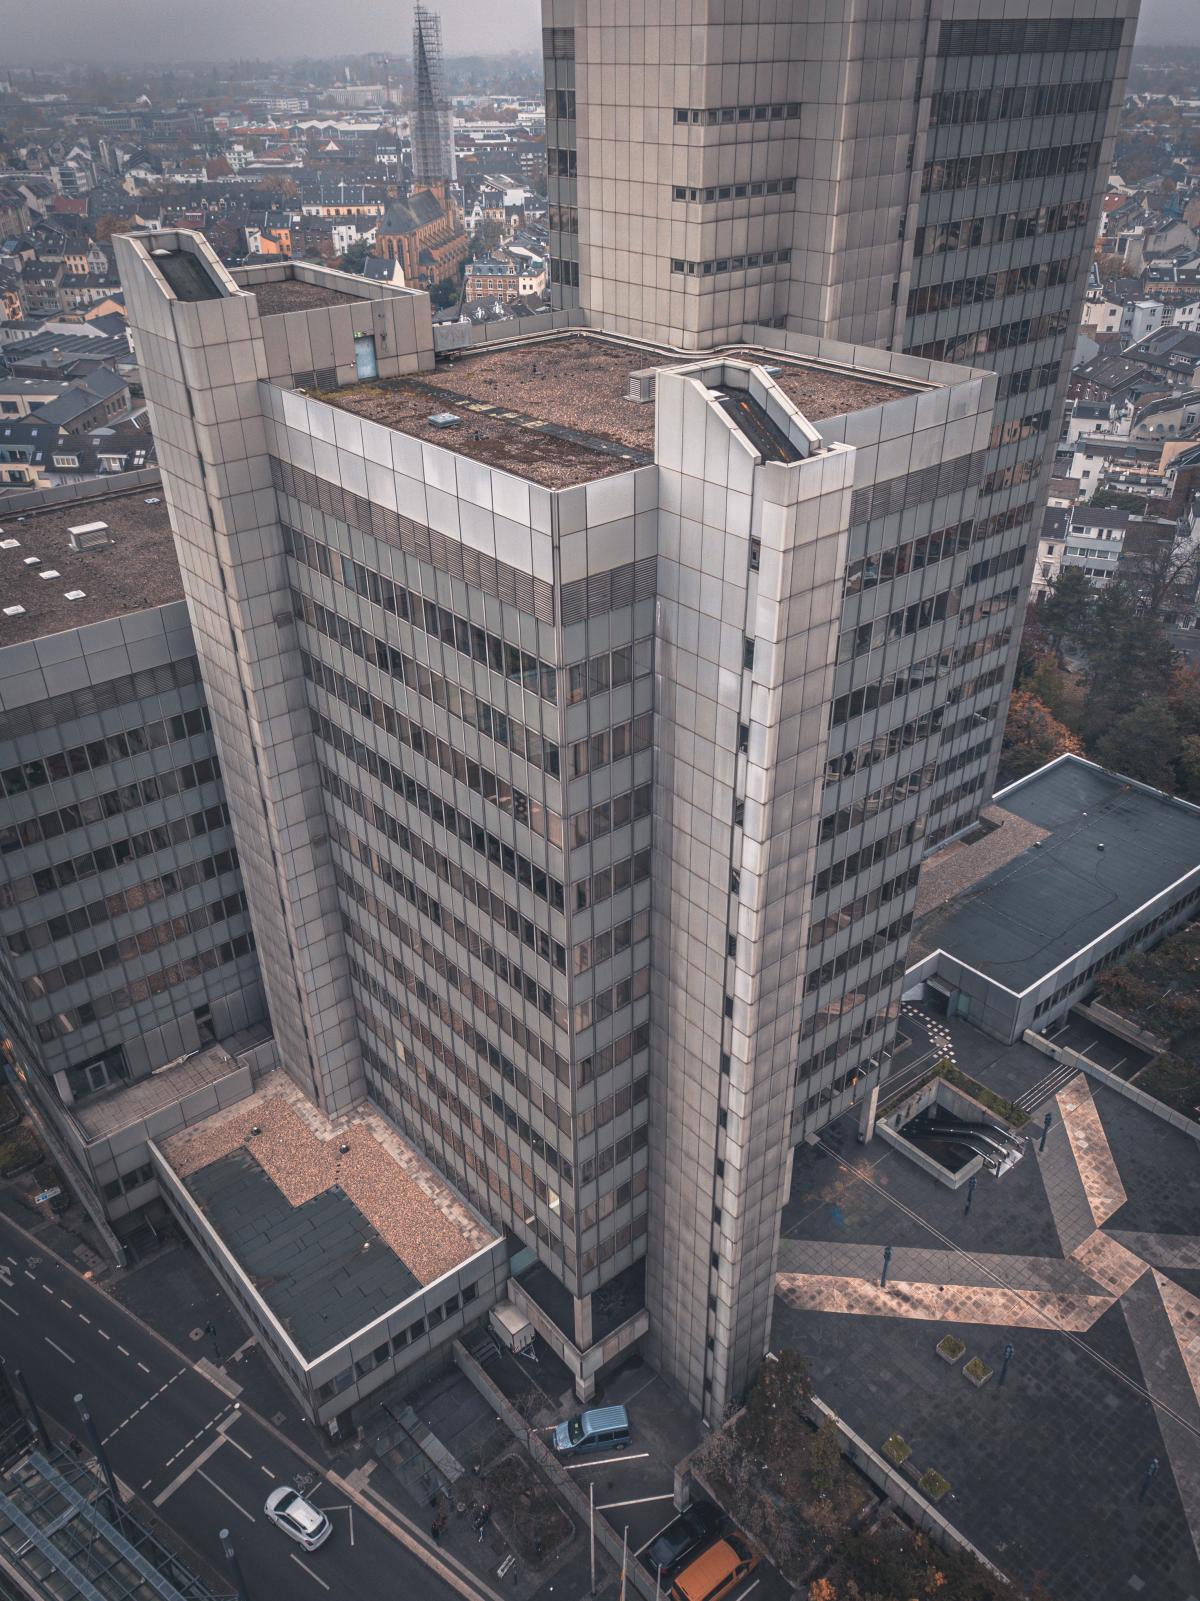 Skyscraper City Architecture